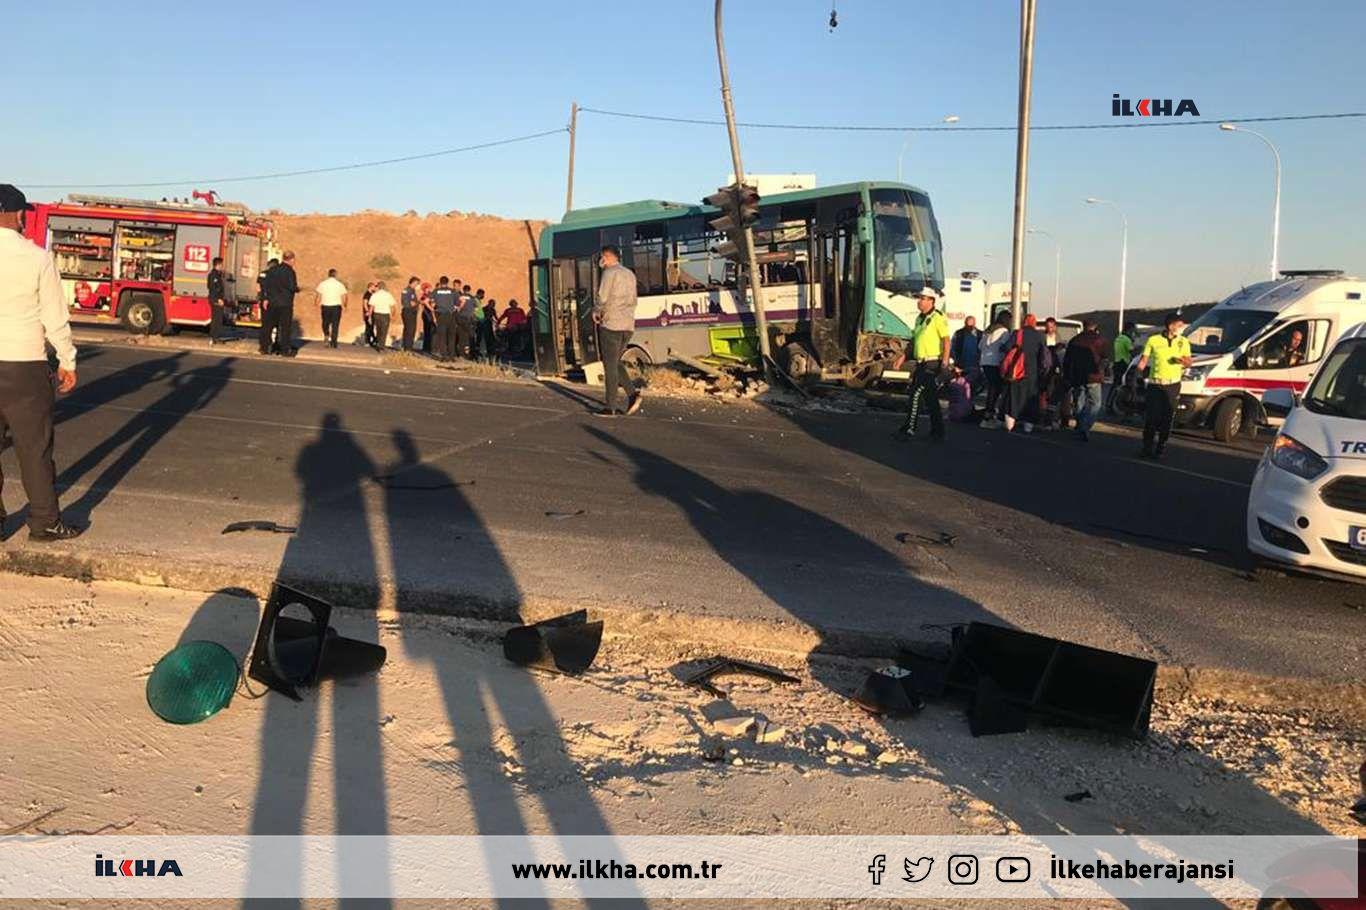 Şanlıurfada şehir içi minibüs ile otomobil çarpıştı: 9 yaralı